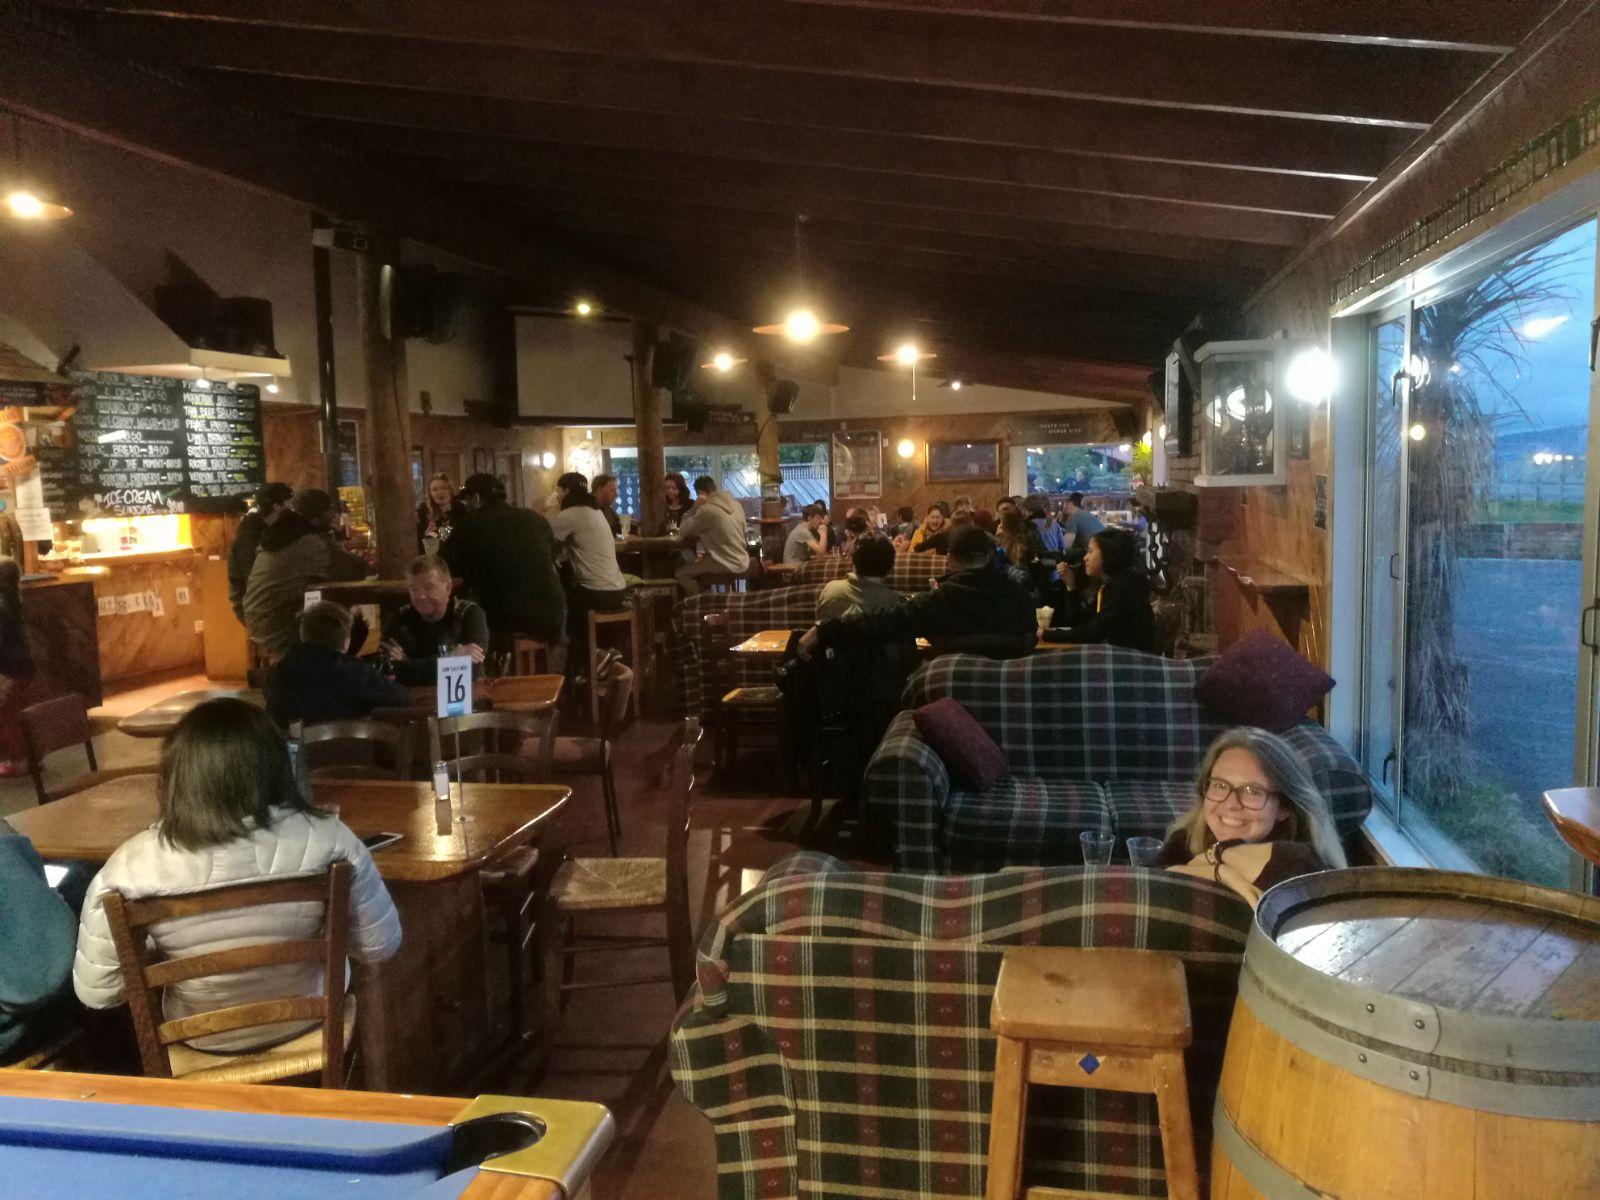 At Schnapps Bar